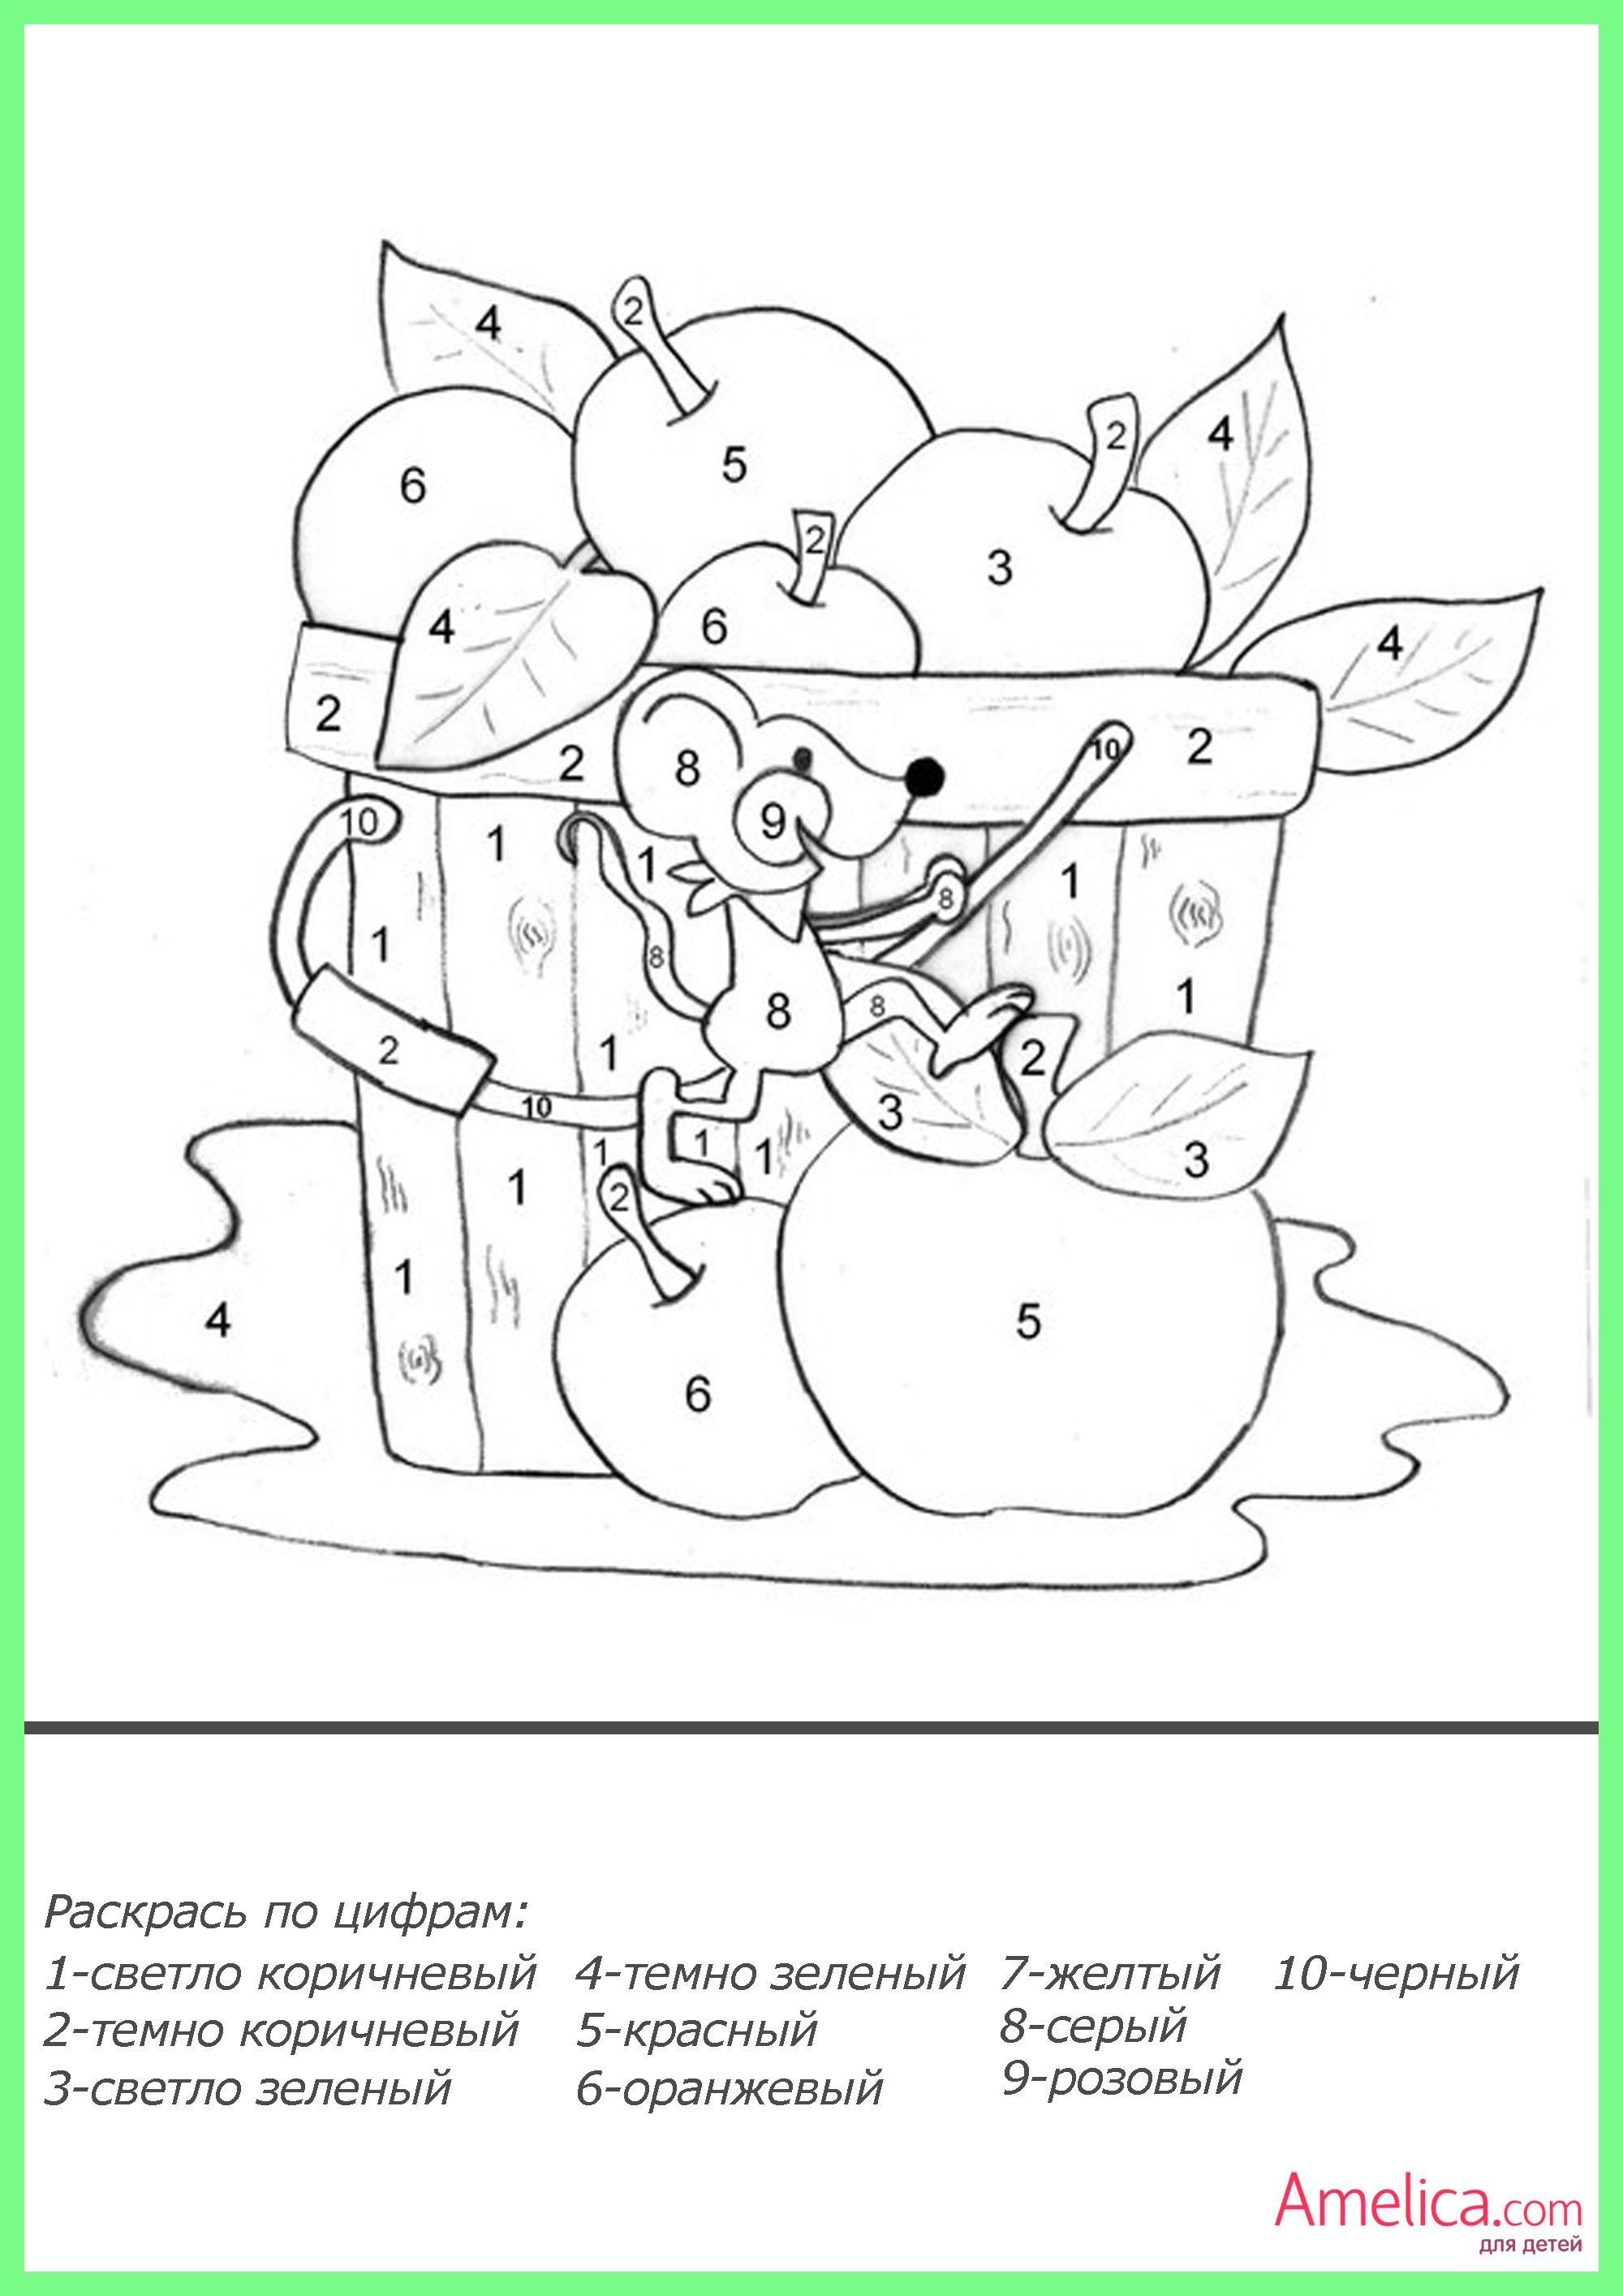 Раскраски для детей 3 лет по цифрам